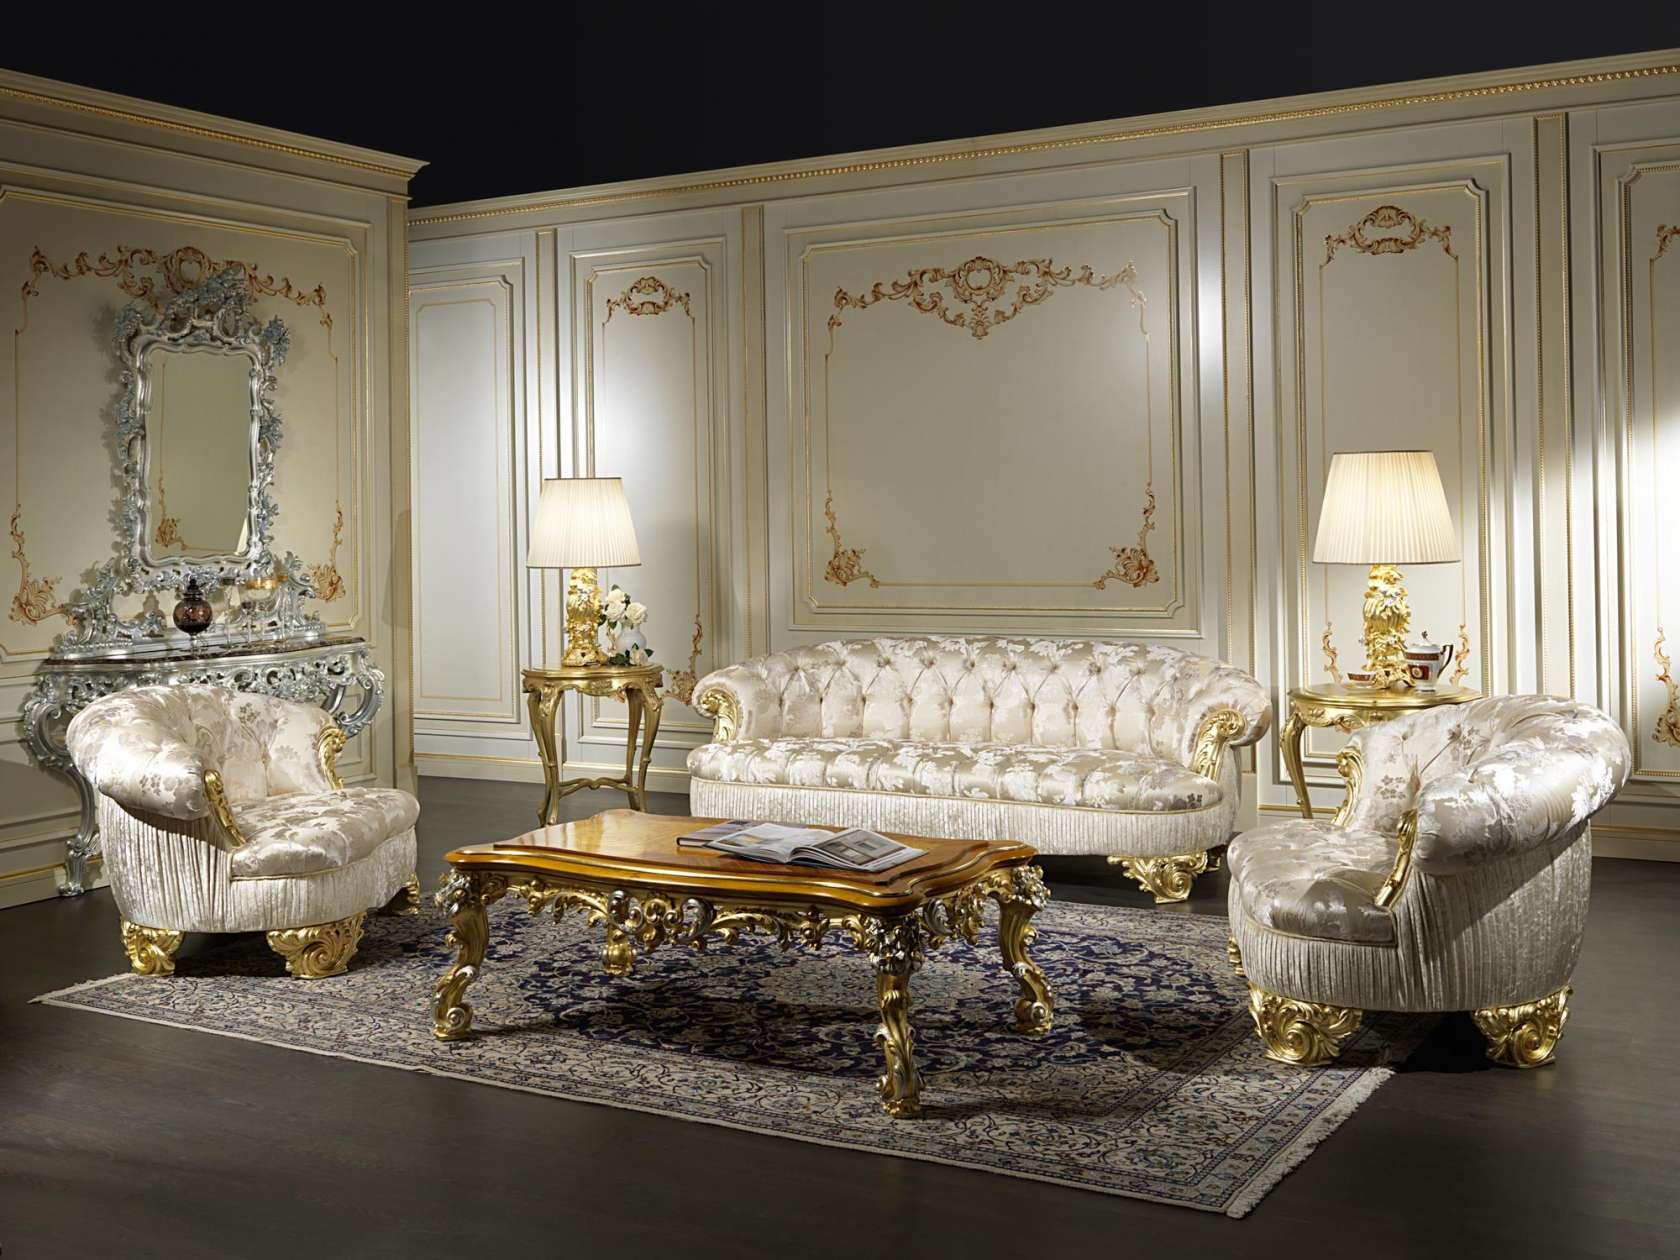 Divani salotto classico di lusso parigi vimercati meda for Arredamento classico di lusso